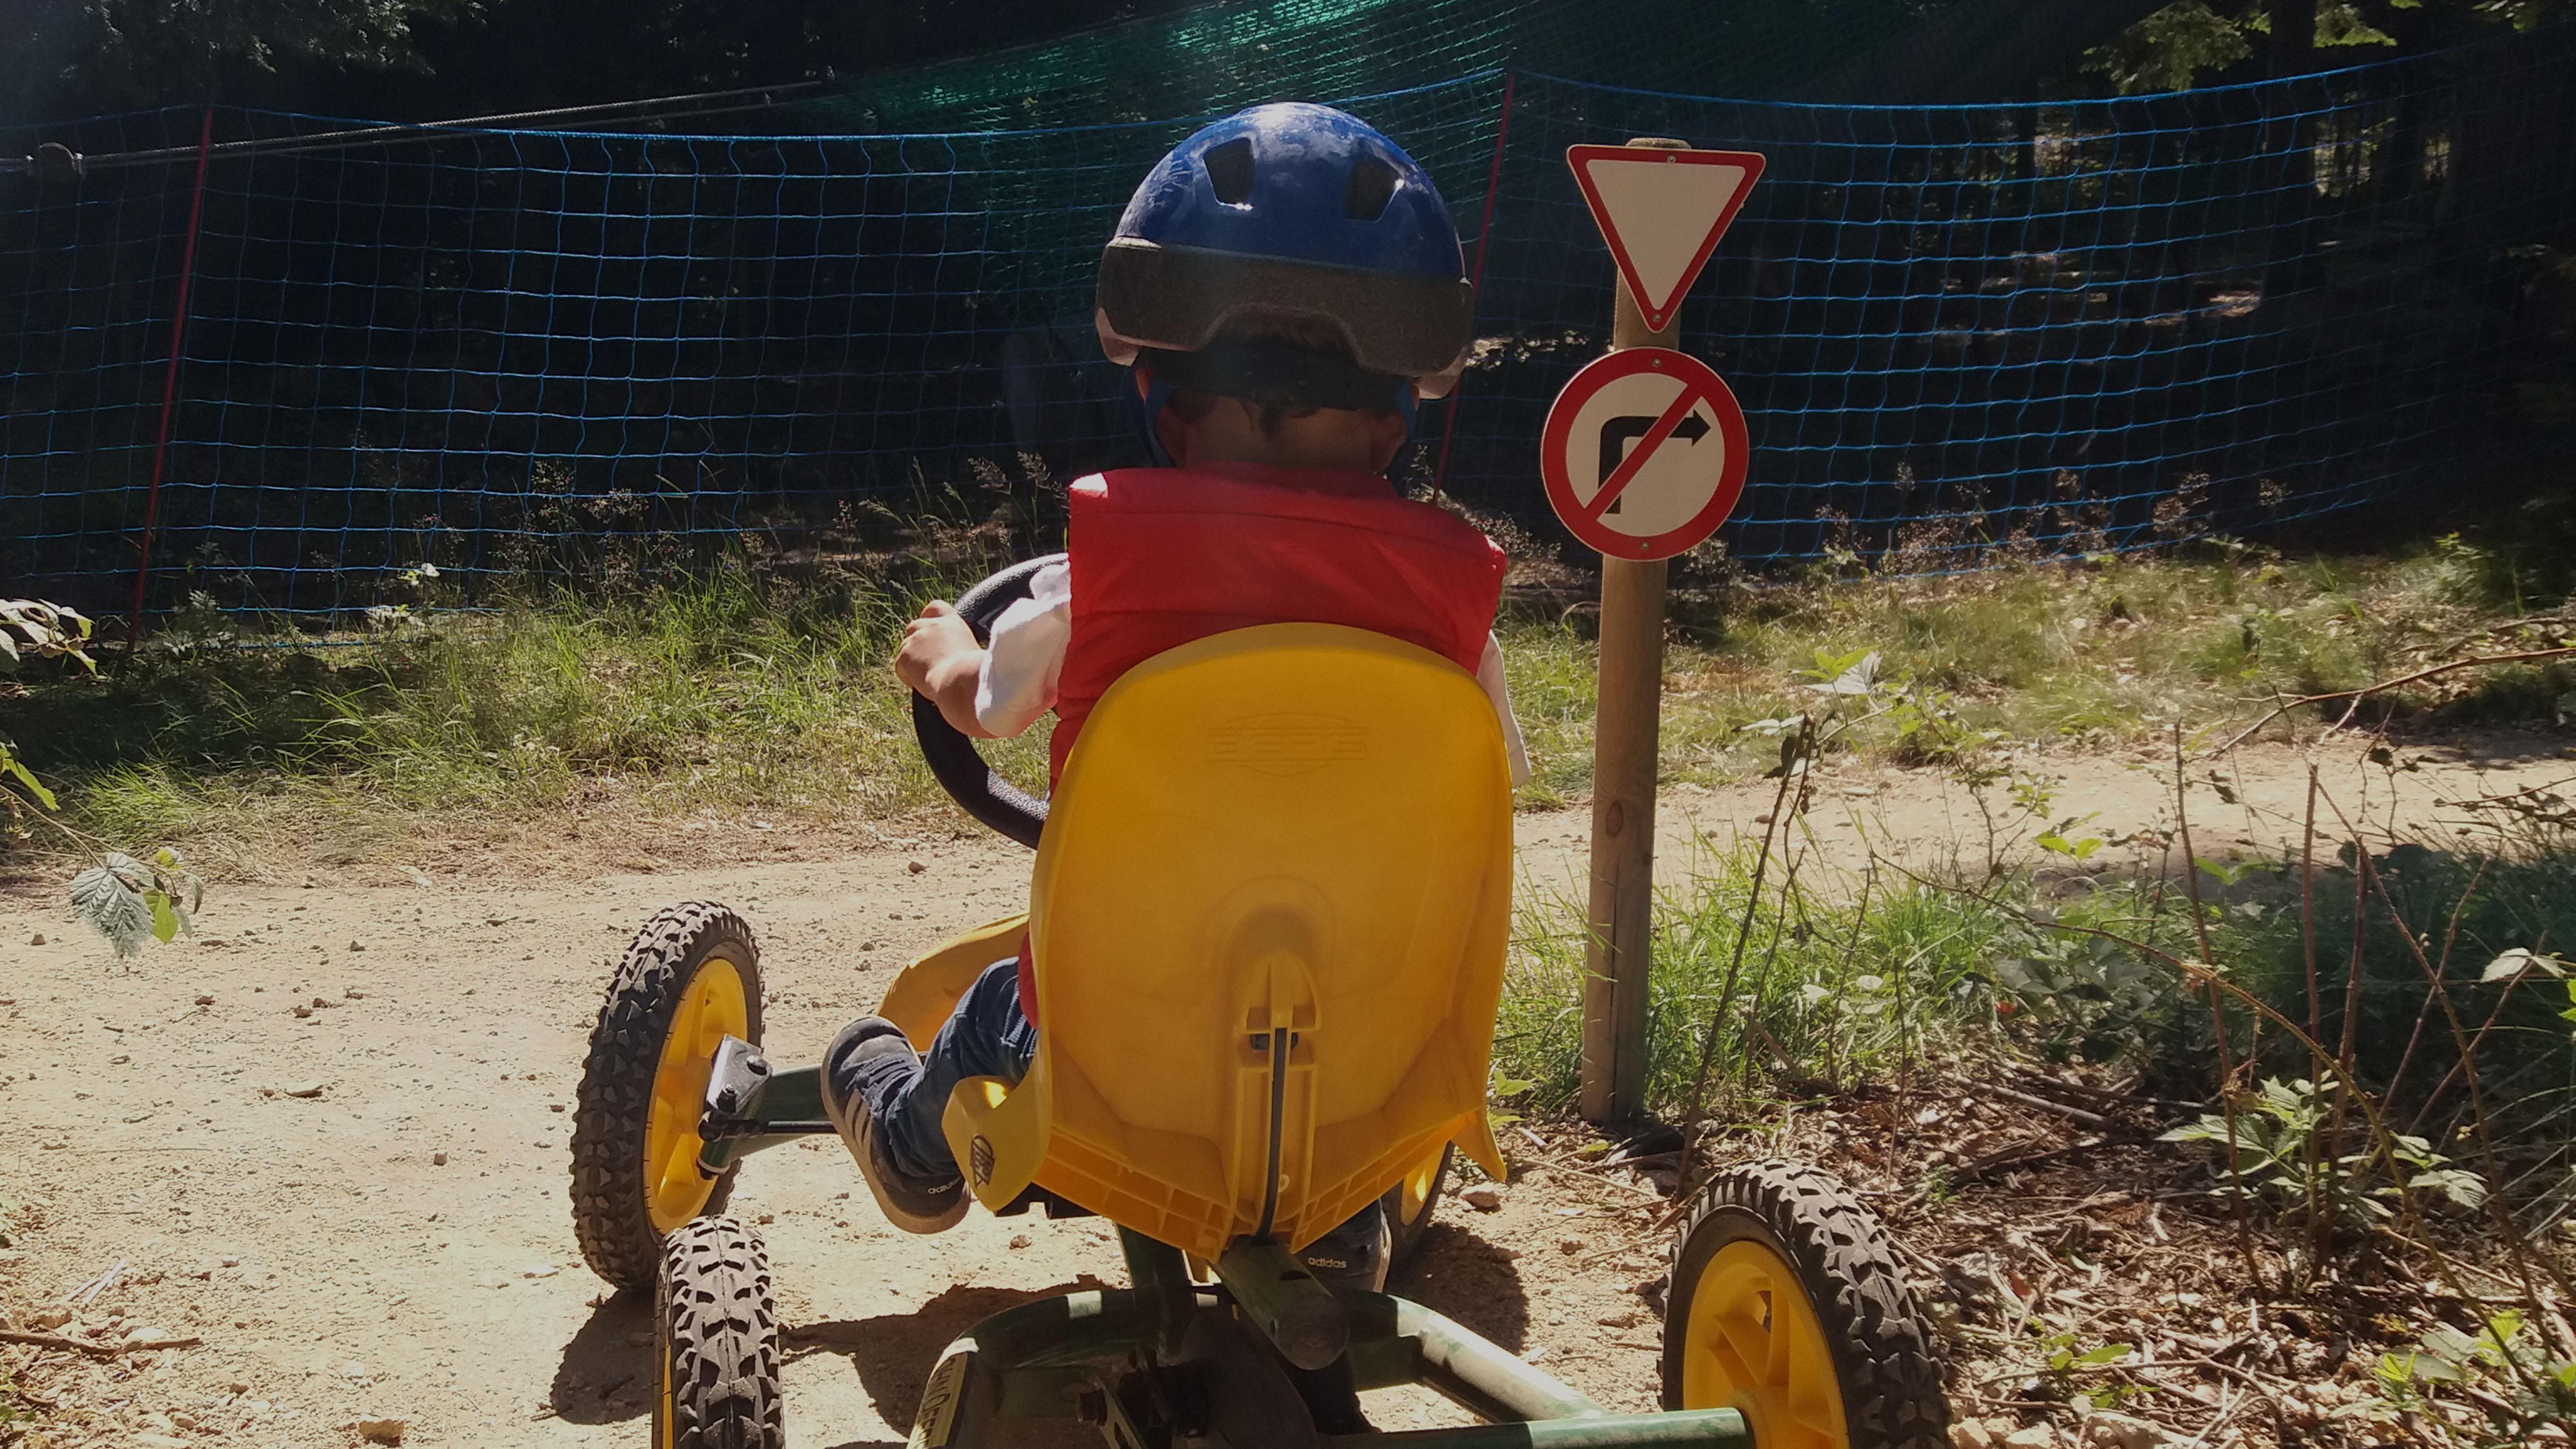 praboure-slider-trott-park